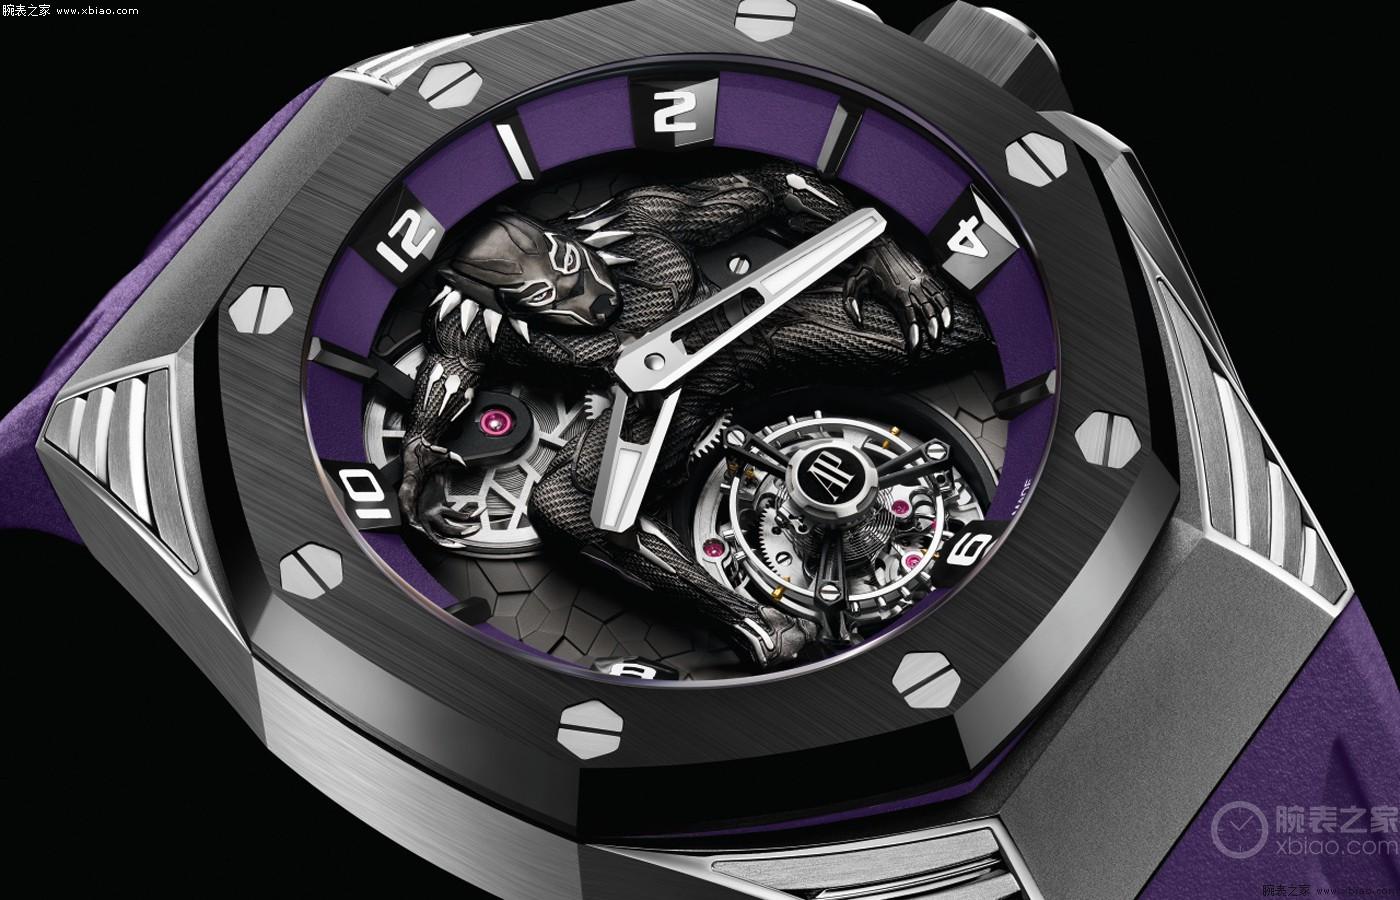 来看看佳士得拍卖500万港元的爱彼皇家橡树概念黑豹飞行陀飞轮腕表